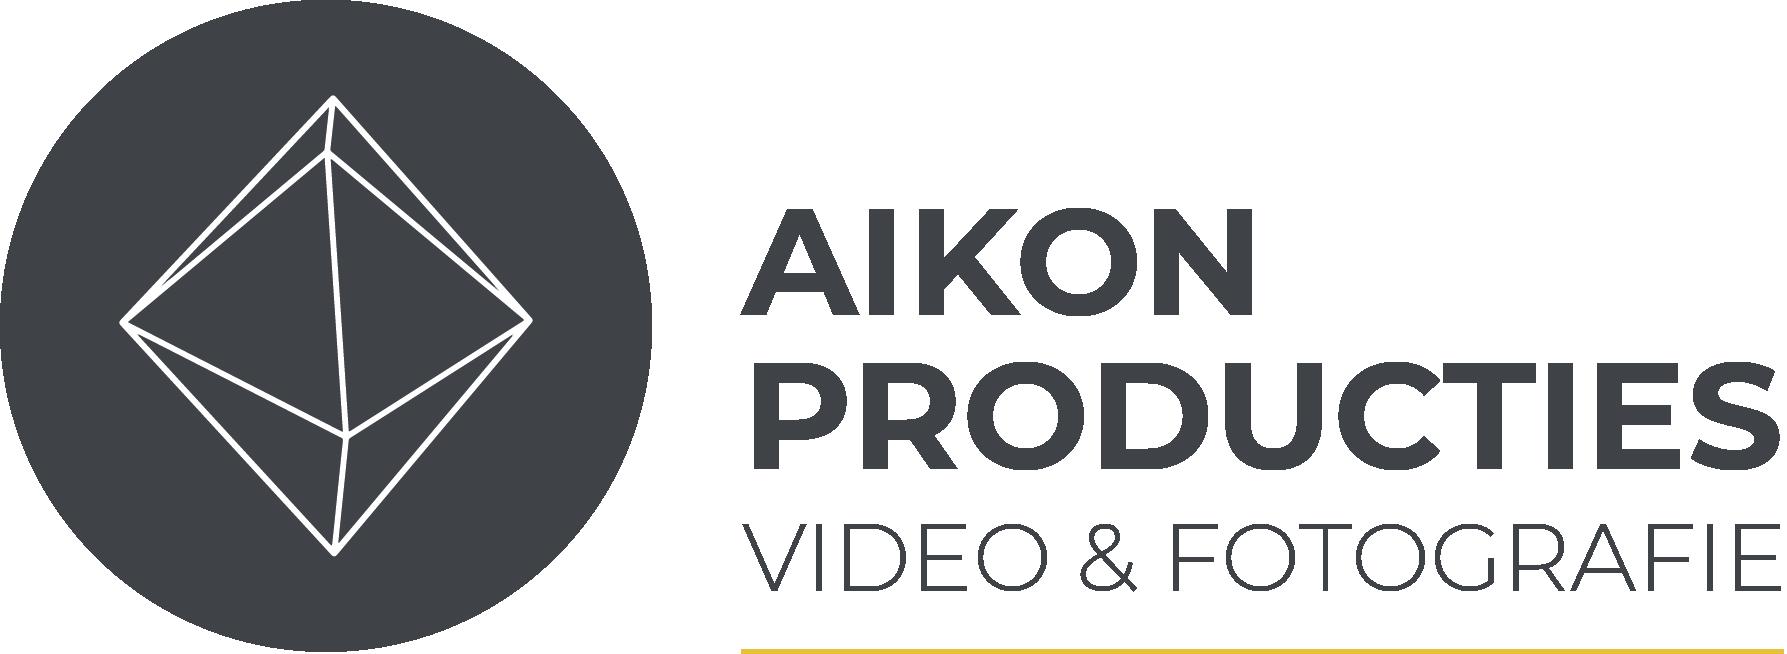 Aikon Producties logo